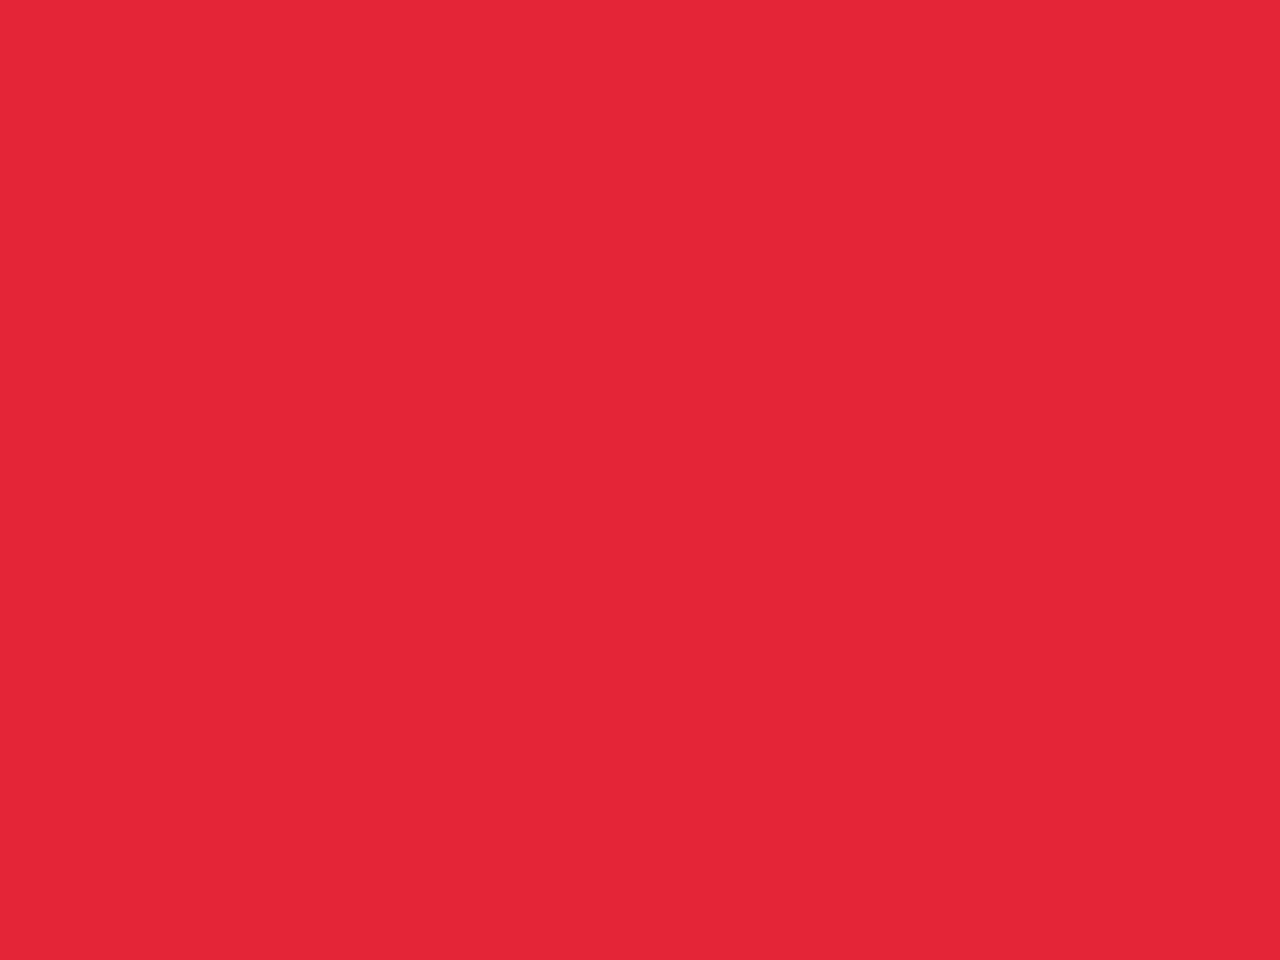 1280x960 Alizarin Crimson Solid Color Background